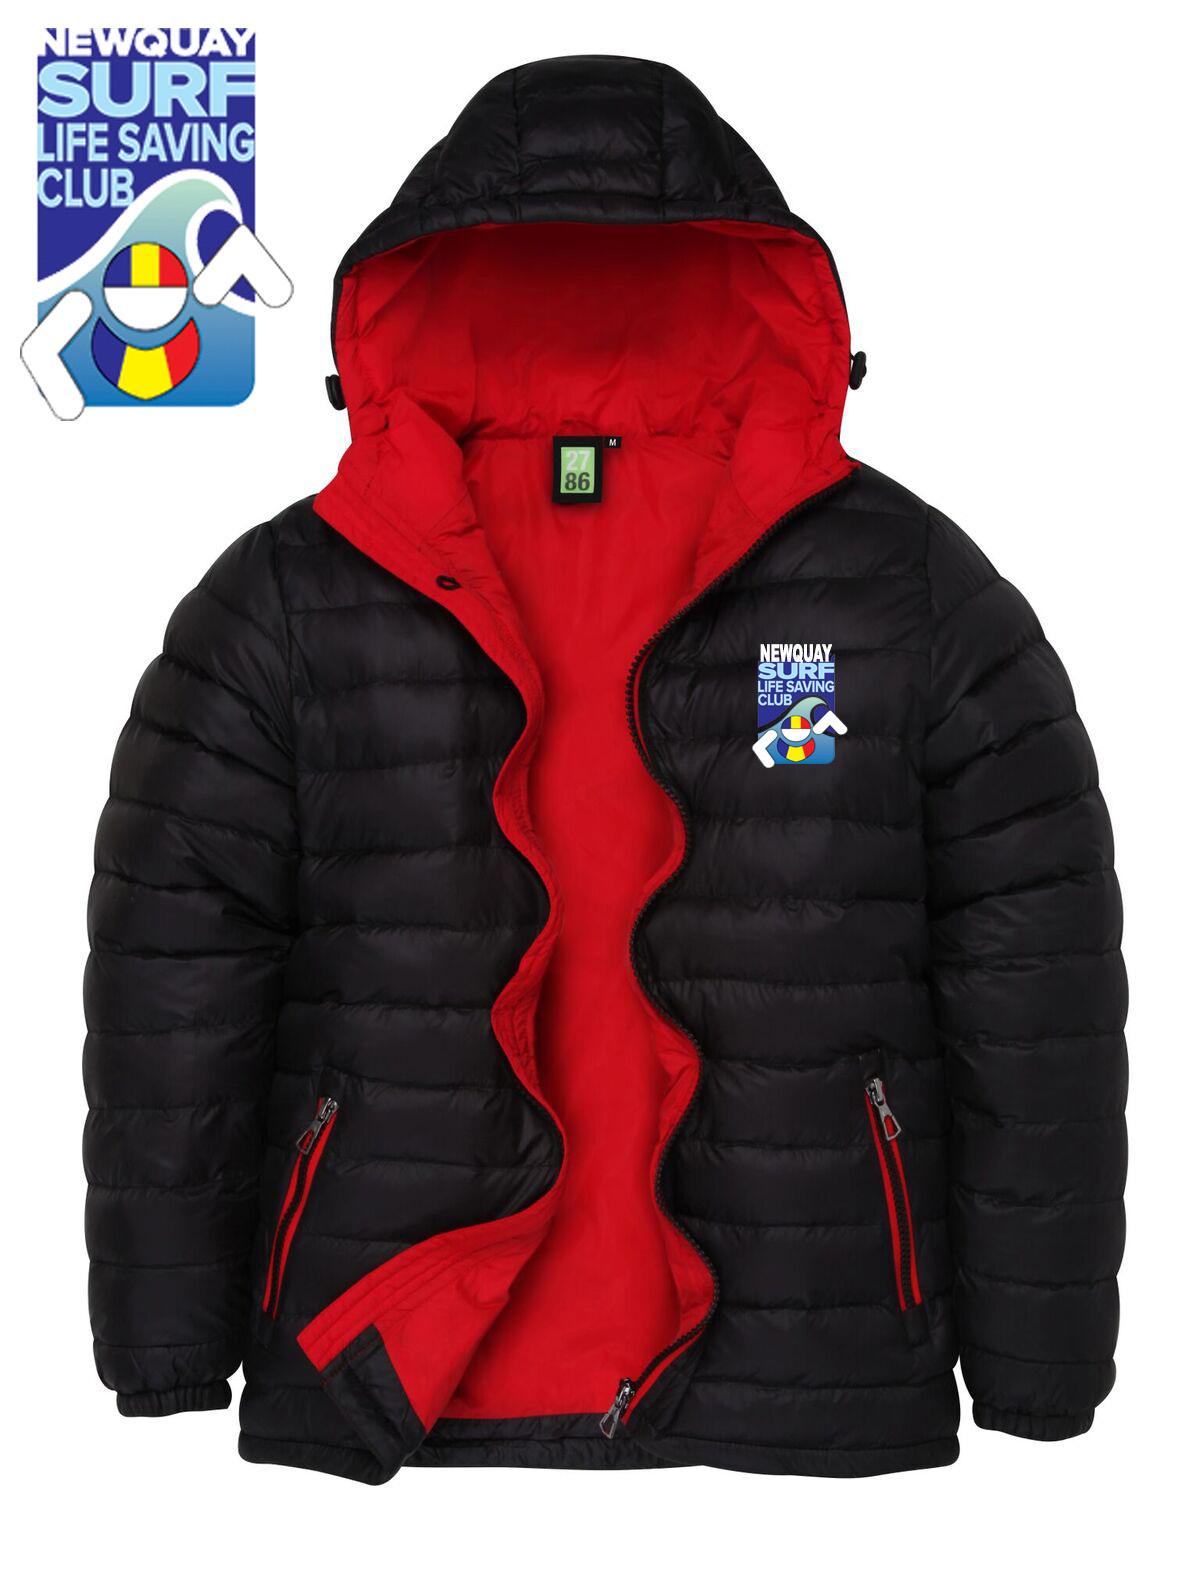 NSLSC Snowbird Jacket